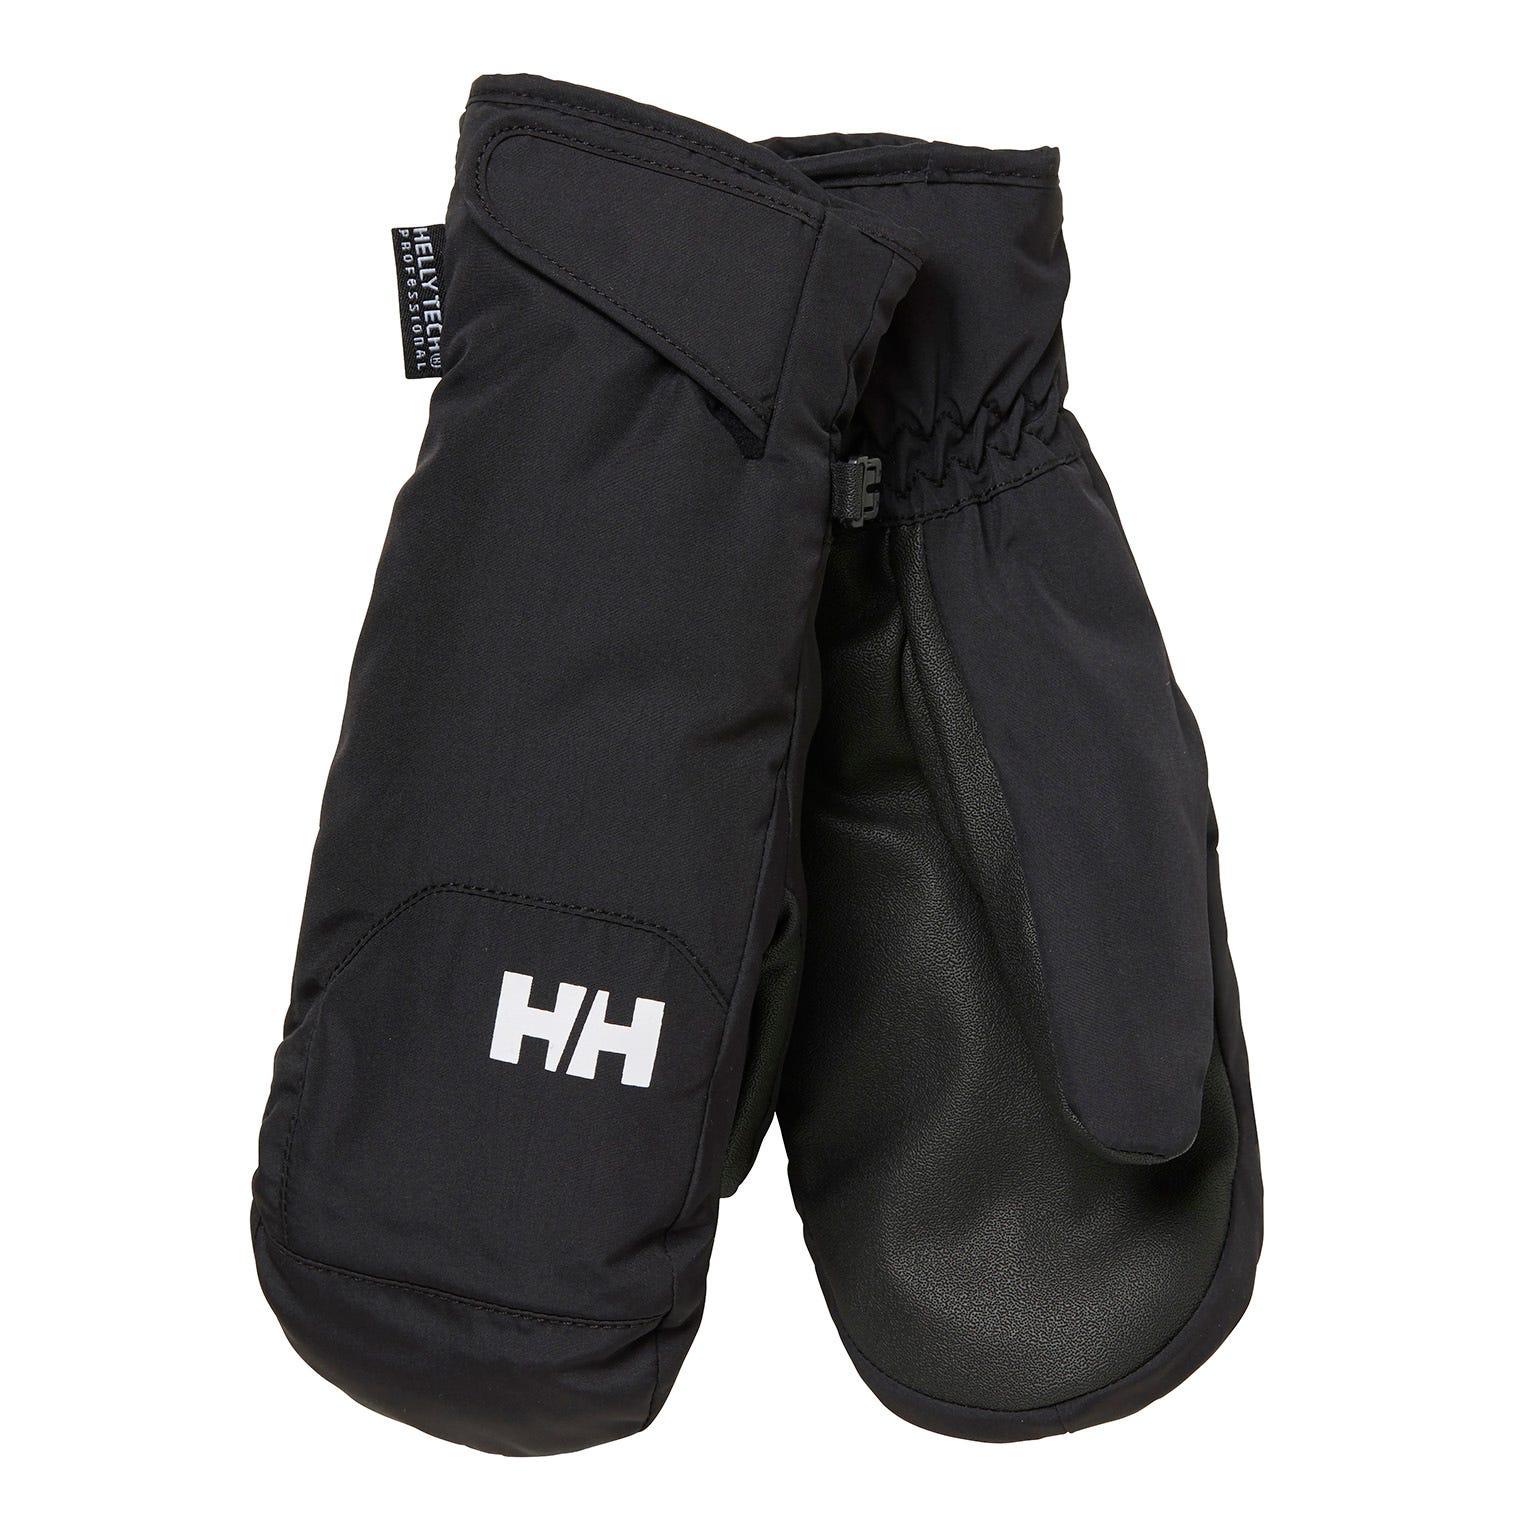 Helly Hansen Junior Swift Ht Mitten Kids Black M